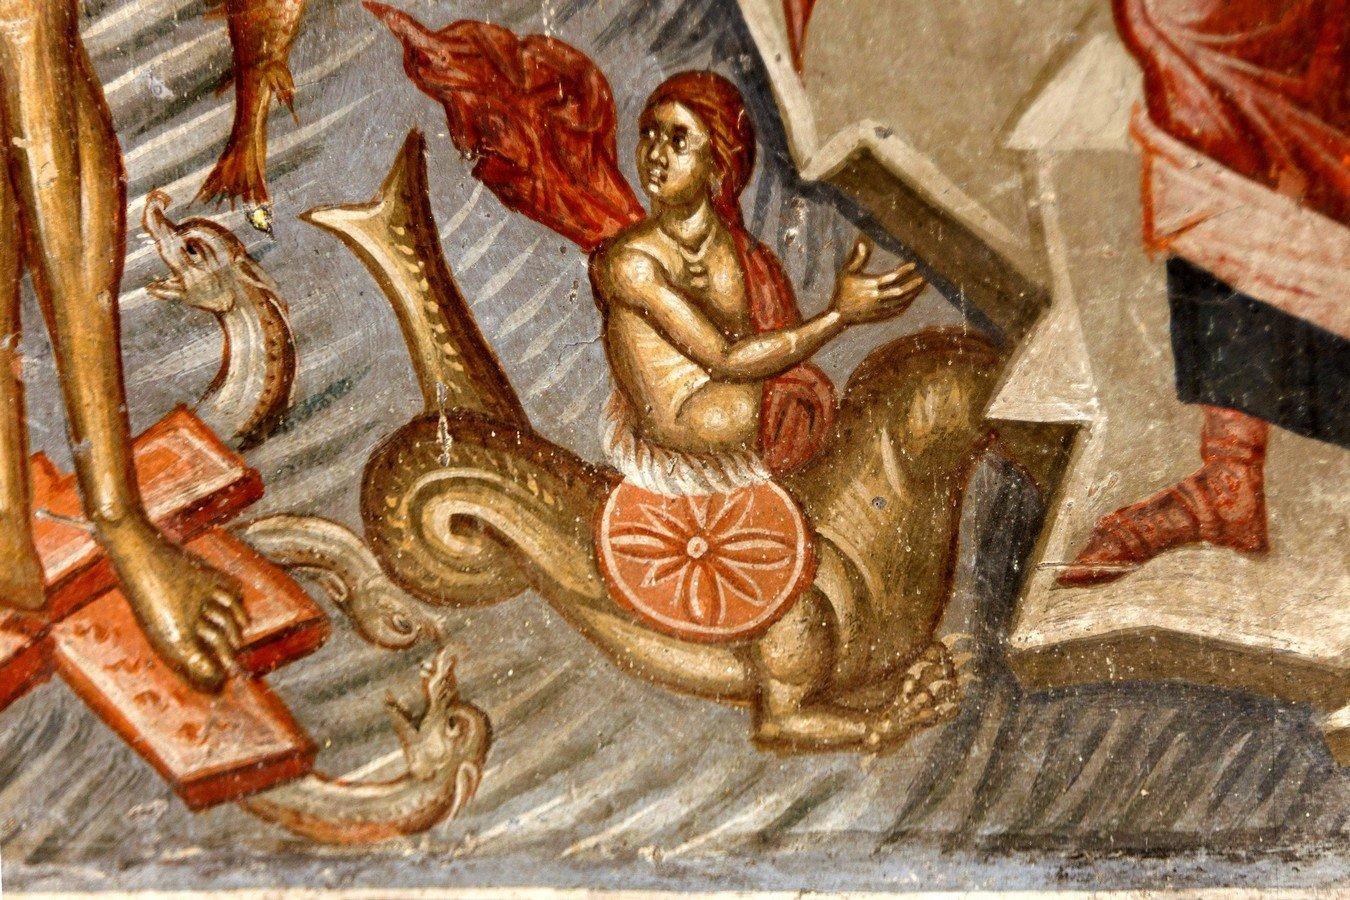 Крещение Господне. Фреска церкви Святого Афанасия ту Музаки в Кастории, Греция. 1383 - 1384 годы. Фрагмент. Персонификация моря.